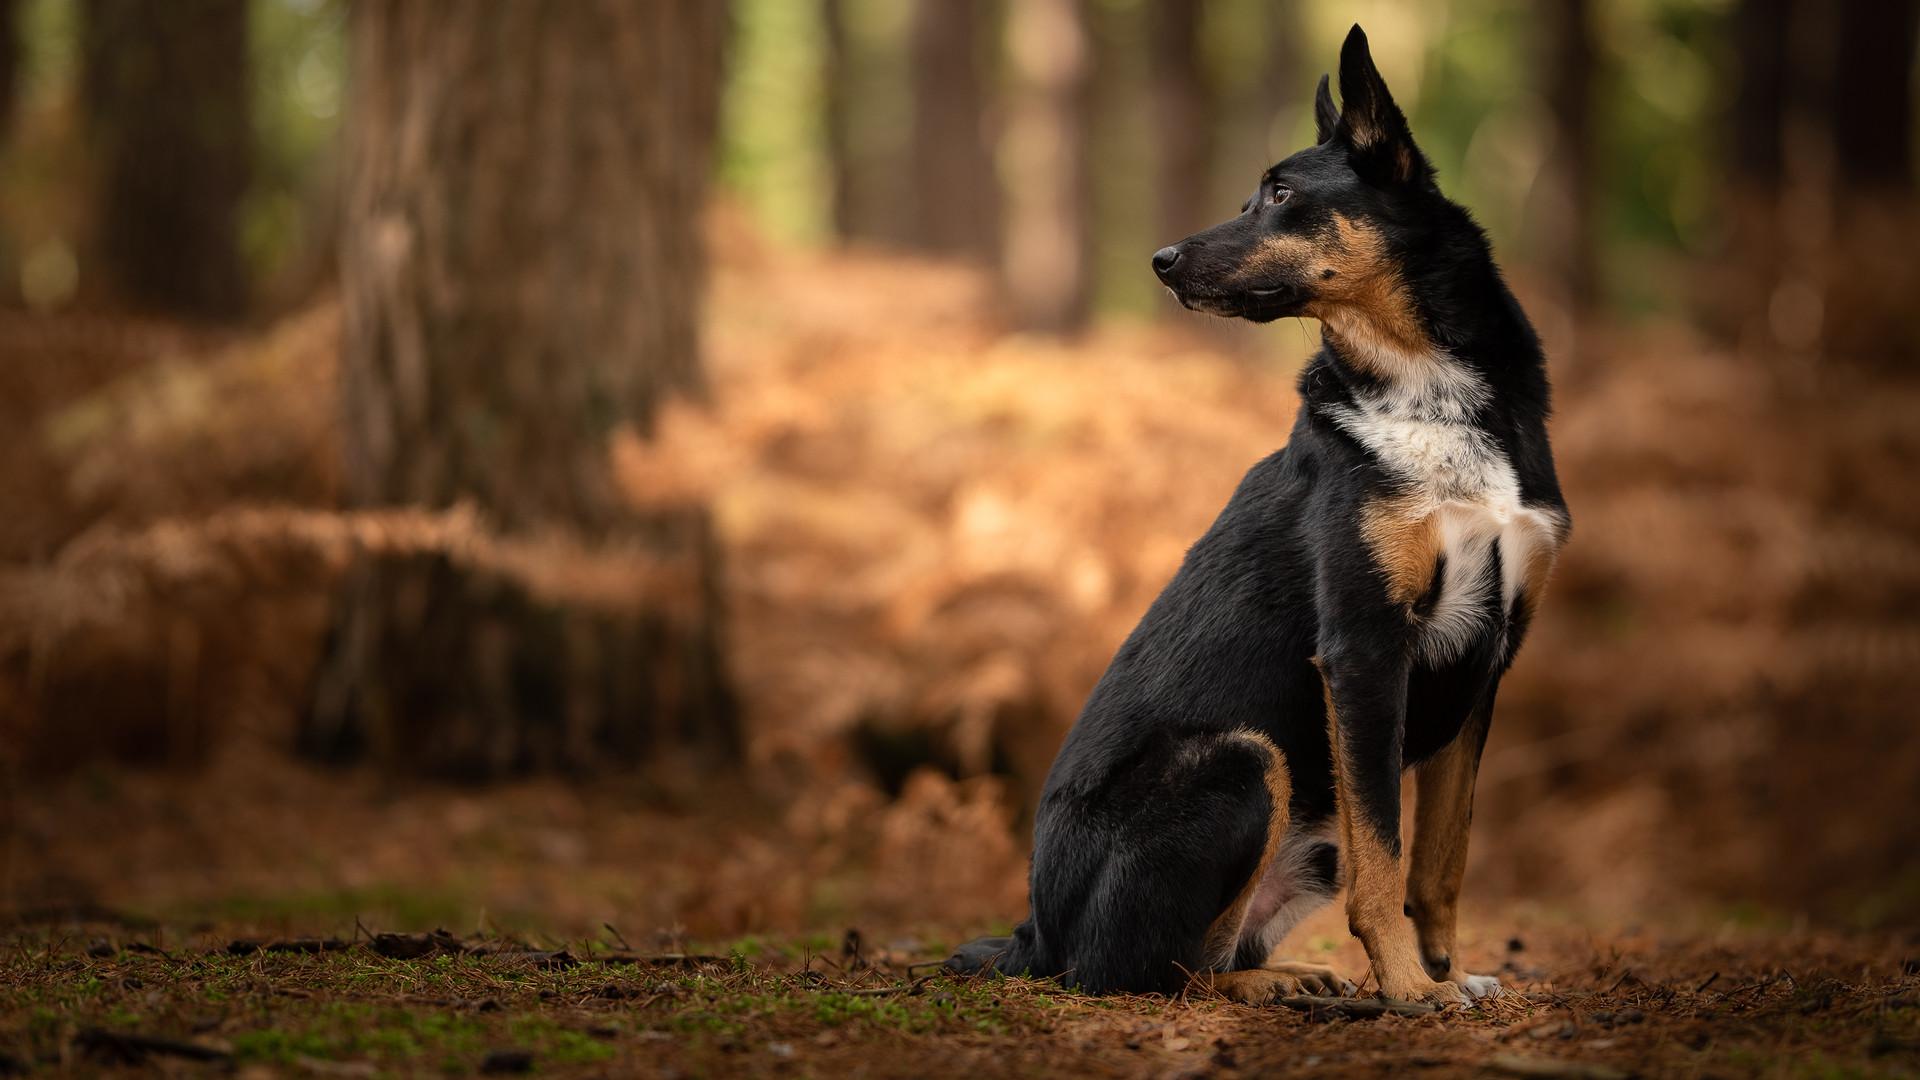 Kelplie in woodland.jpg